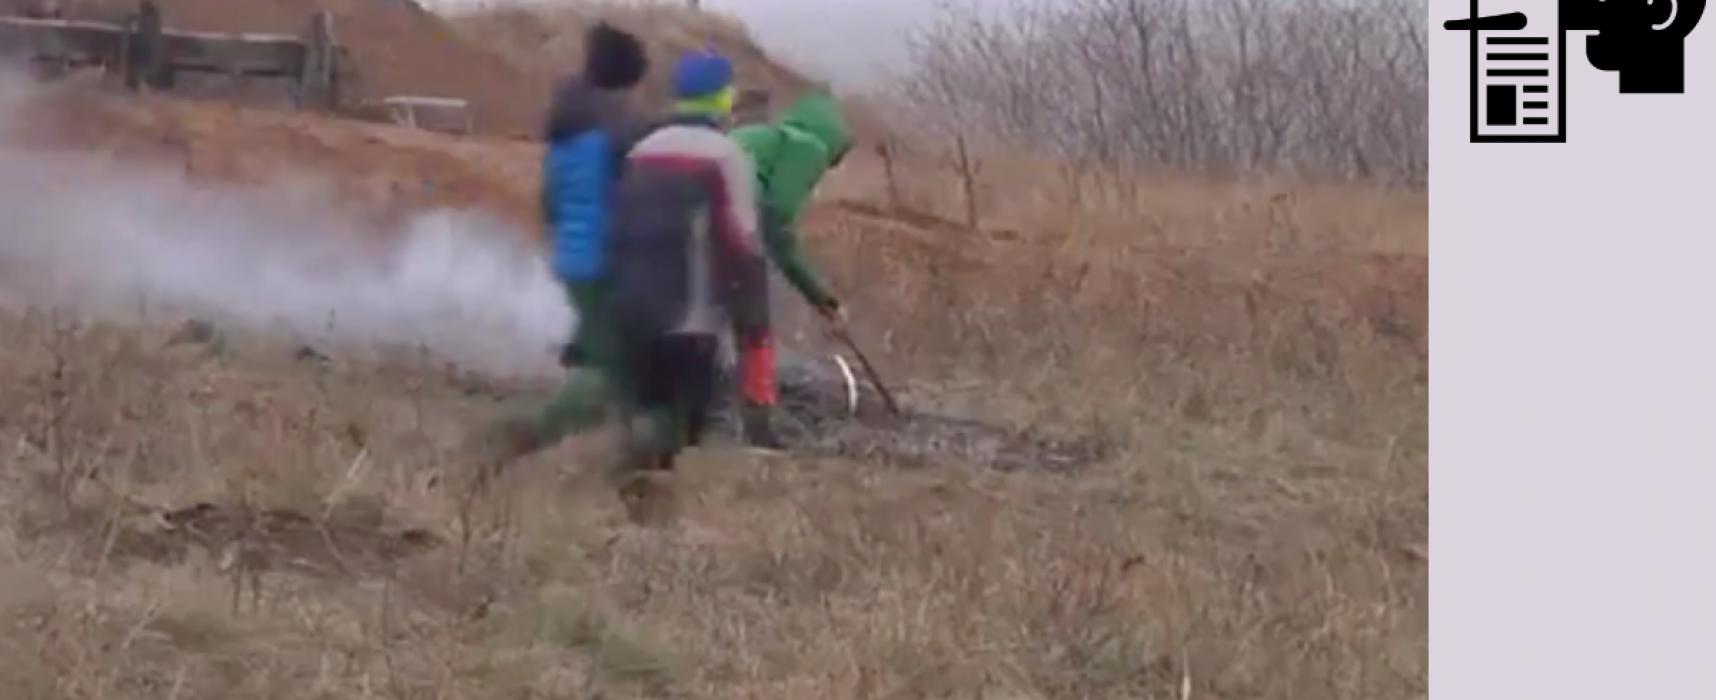 Falso: A los niños ucranianos los obligaron a cavar trincheras en Mariúpol